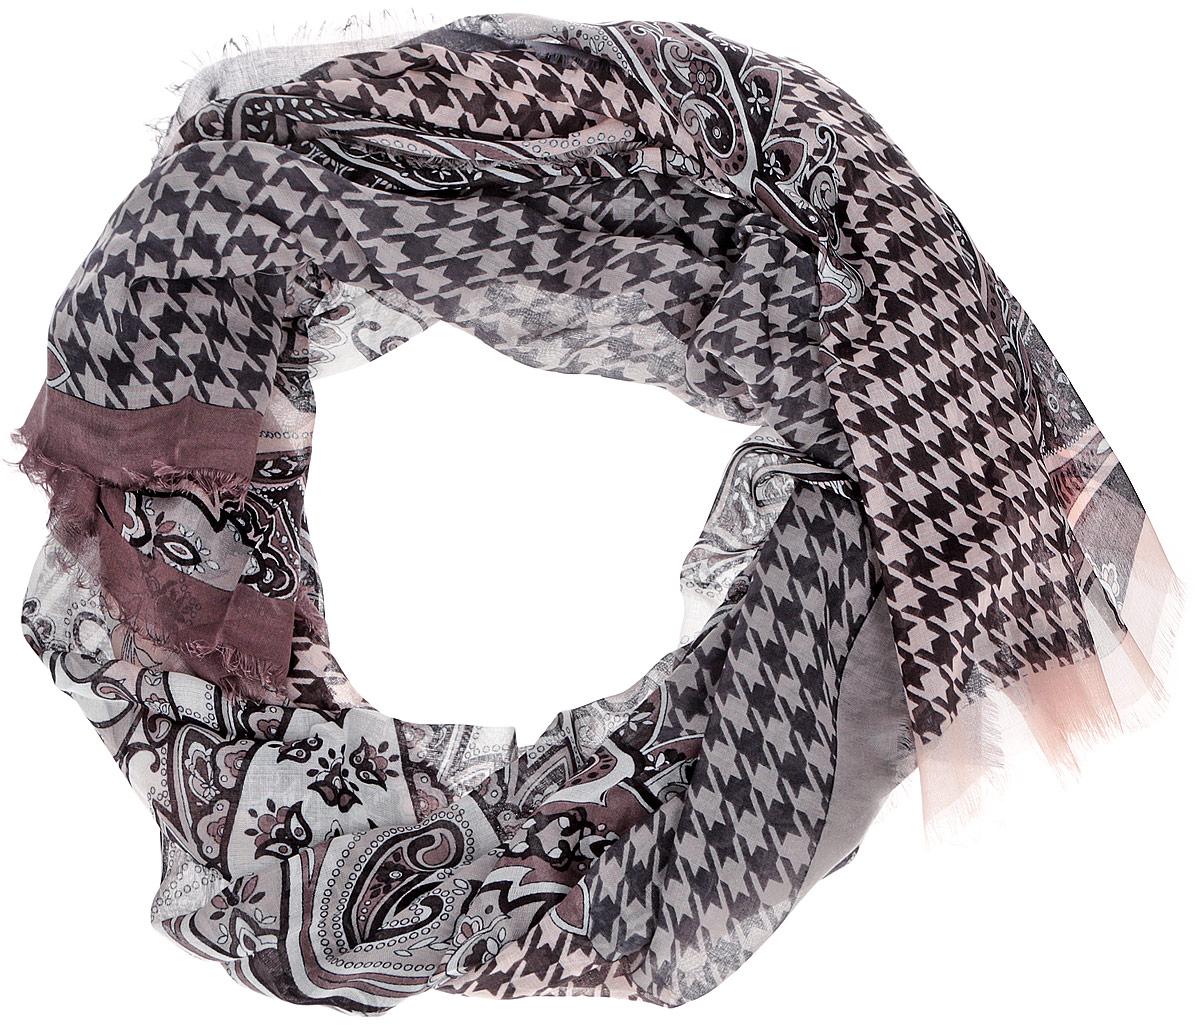 ШарфCX1516-55-5Модный женский шарф Leo Ventoni подарит вам уют и станет стильным аксессуаром, который призван подчеркнуть вашу индивидуальность и женственность. Тонкий шарф выполнен из высококачественного 100% модала, он невероятно мягкий и приятный на ощупь. Шарф оформлен тонкой бахромой по краю и украшен принтом в мелкую клетку с изображением изысканных этнических узоров. Этот модный аксессуар гармонично дополнит образ современной женщины, следящей за своим имиджем и стремящейся всегда оставаться стильной и элегантной. Такой шарф украсит любой наряд и согреет вас в непогоду, с ним вы всегда будете выглядеть изысканно и оригинально.